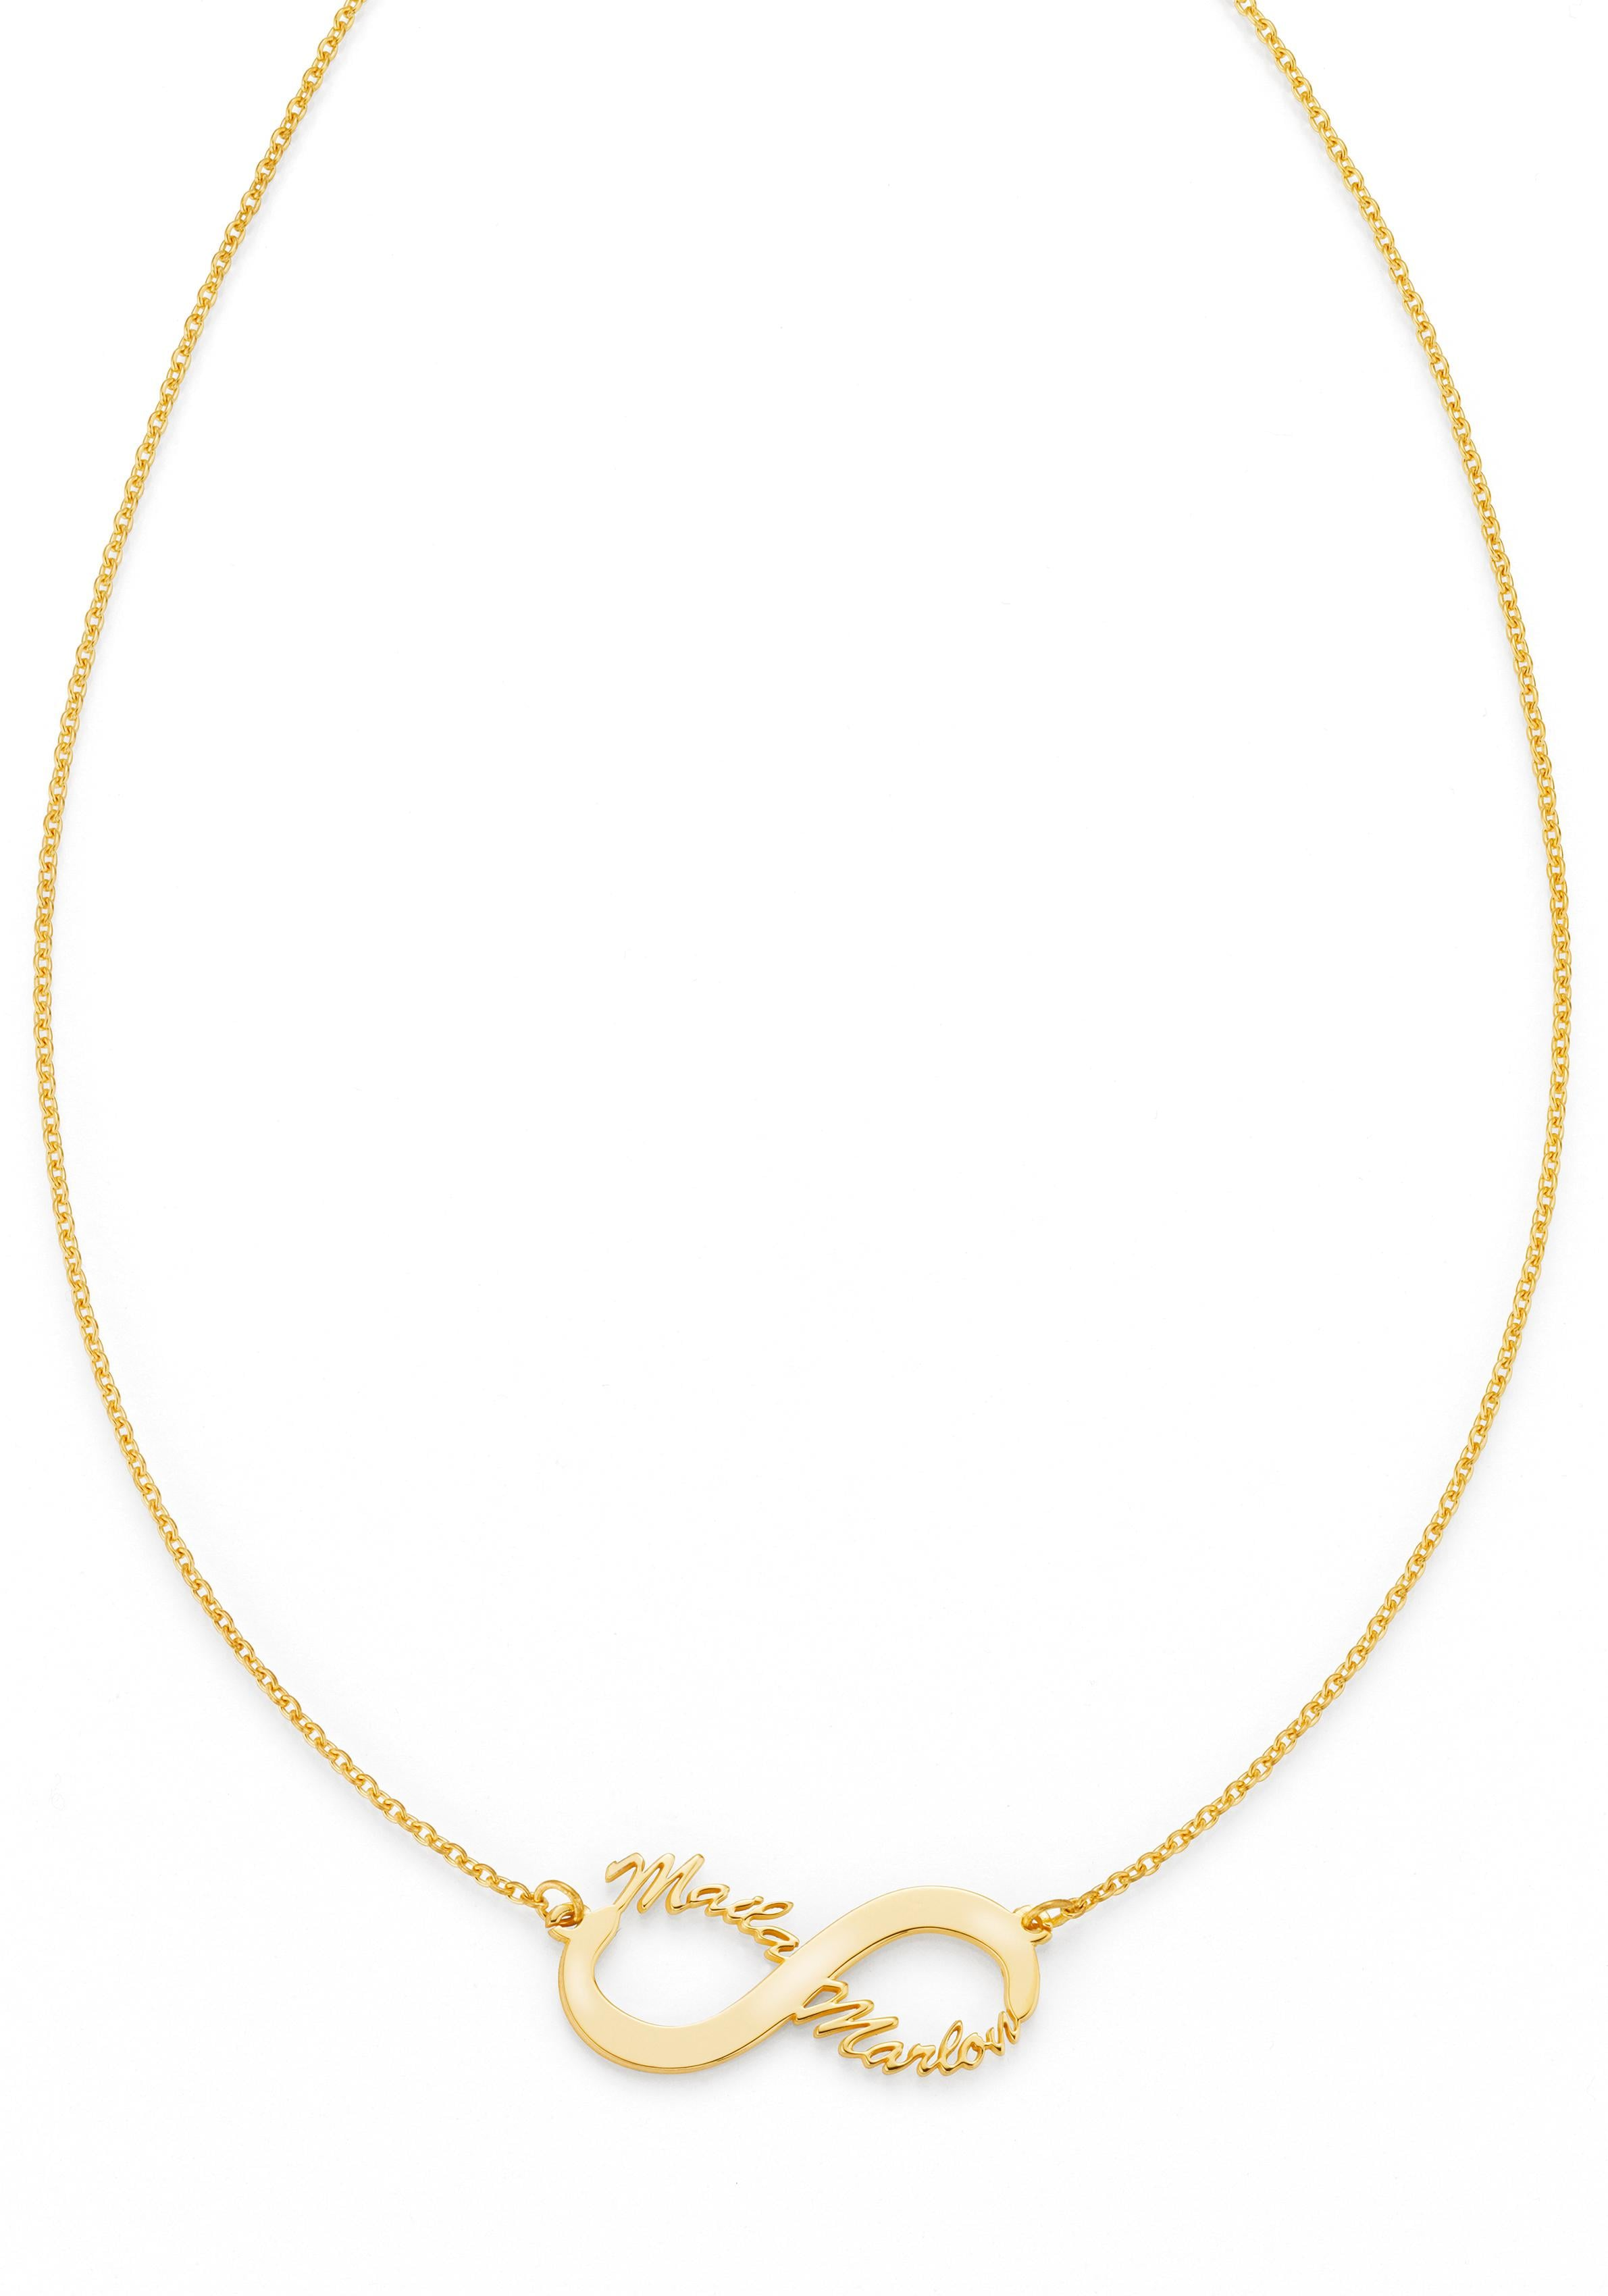 Firetti Namenskette Infinity Unendlichkeitsschleife - individuell mit 2 Namen gestalten | Schmuck > Halsketten > Namensketten | Goldfarben | Firetti